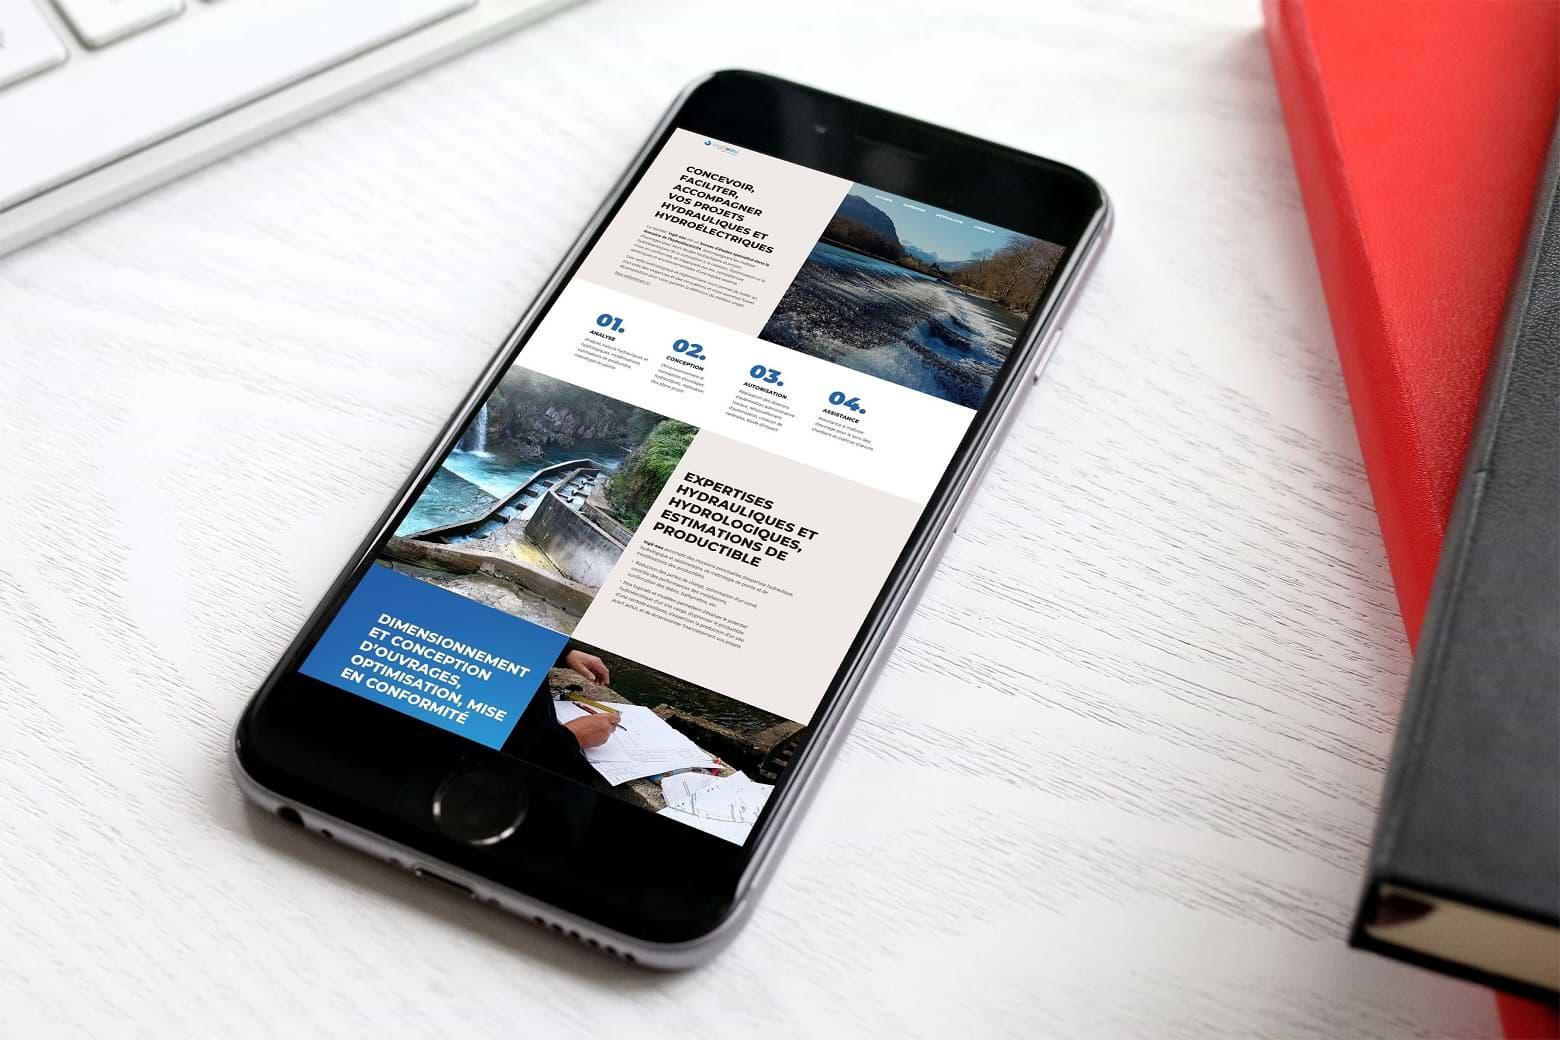 Création des supports de communication imprimés, du site mobile et du logotype ingé-eau, ingénierie écologique, maîtrise d'oeuvre hydroélectricité, énergie hydraulique, énergies renouvelables